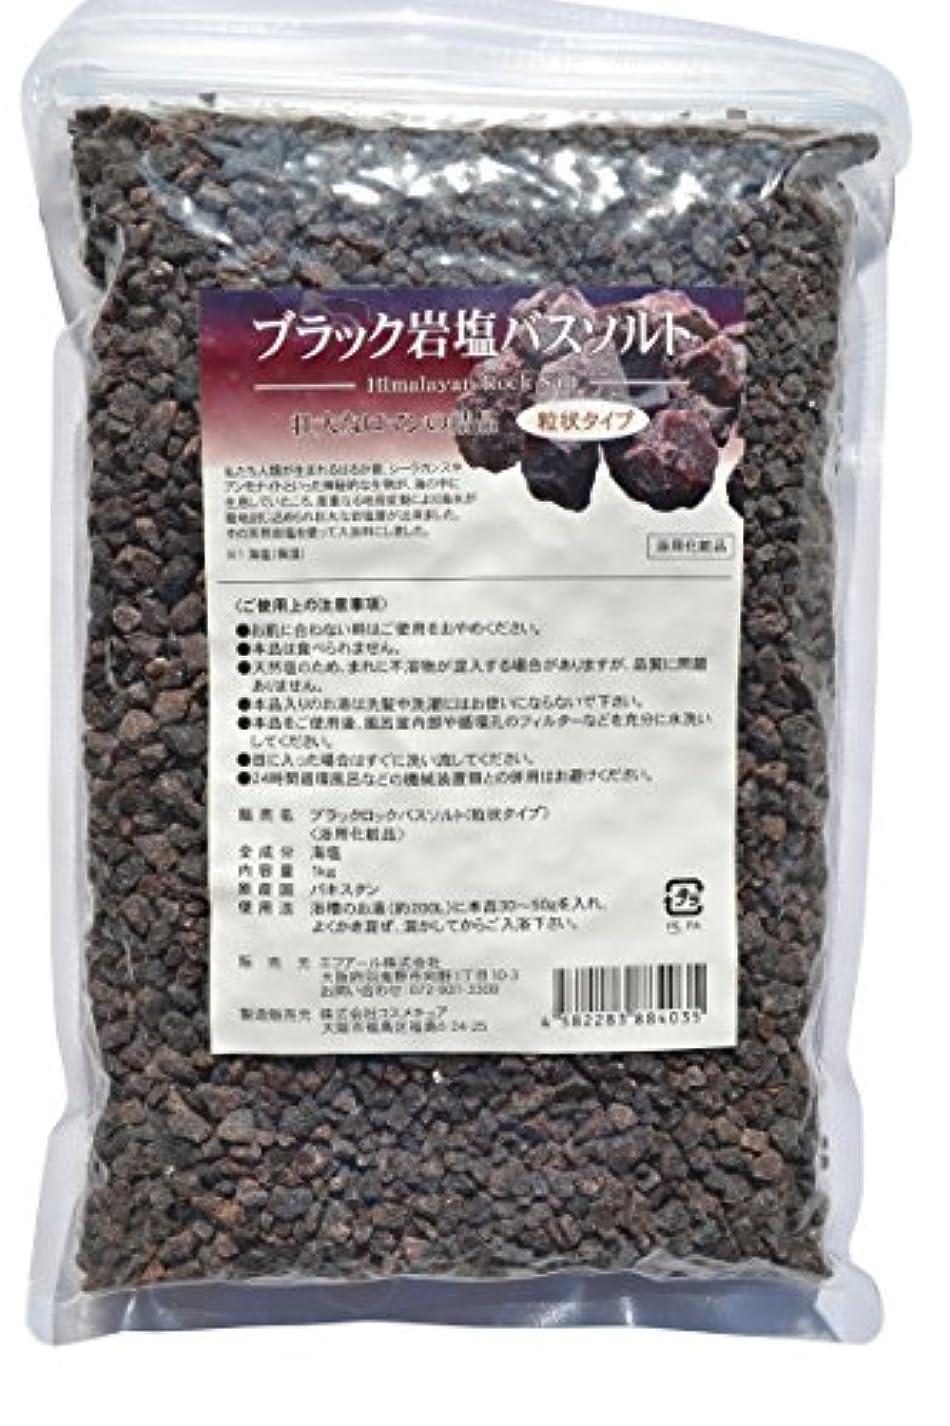 やめるコークス簡単にブラック岩塩 バスソルト 粒状タイプ 1kg